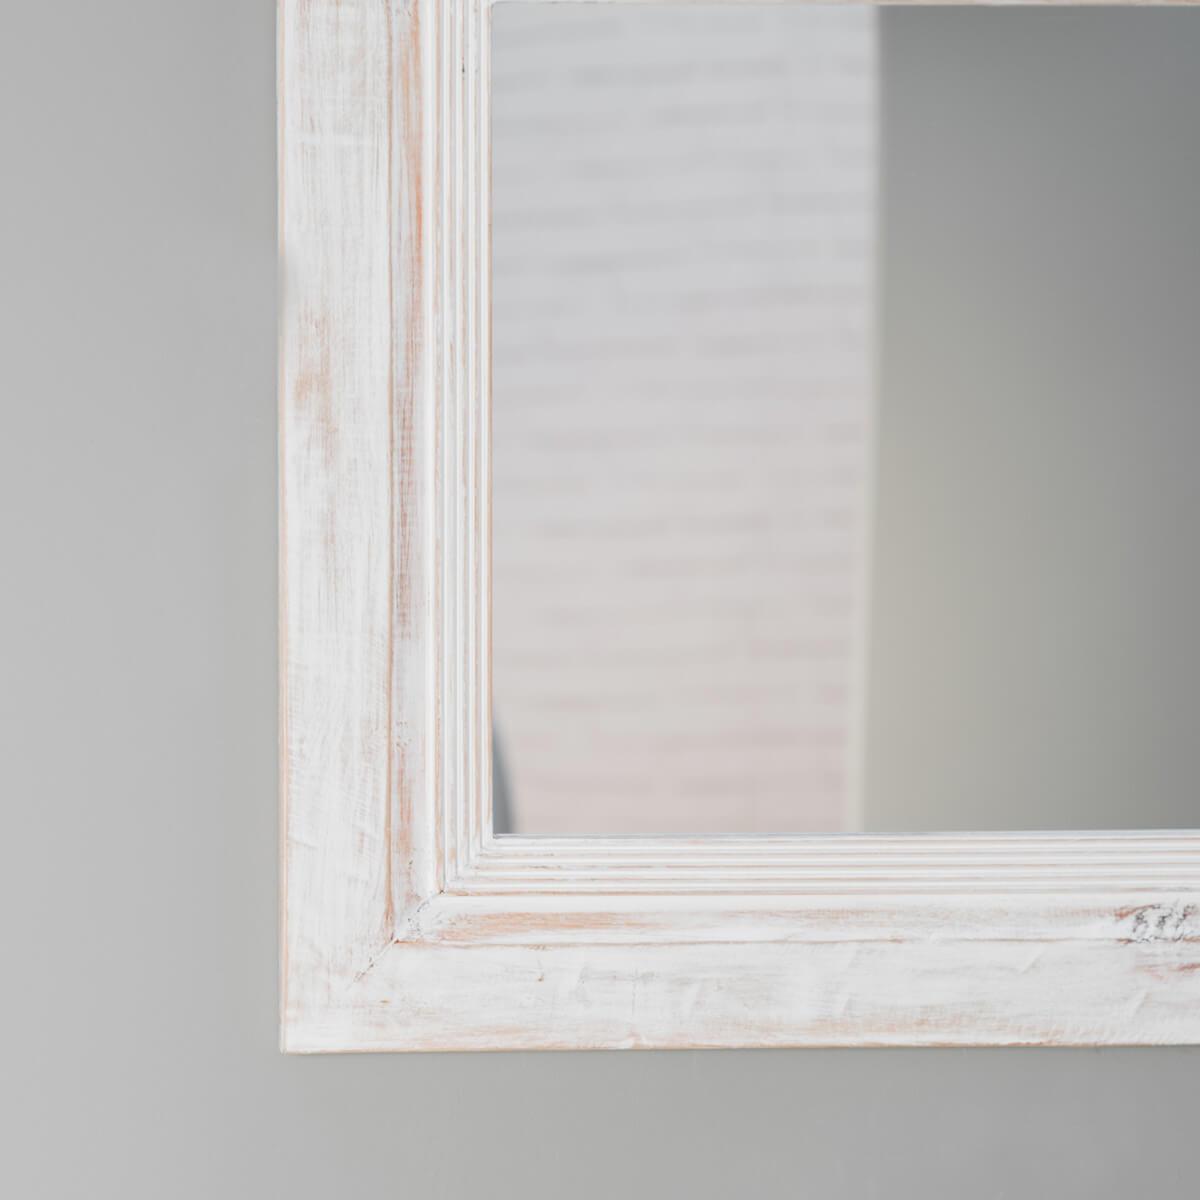 miroir venise en bois patin c rus blanc 140cm x 80cm. Black Bedroom Furniture Sets. Home Design Ideas